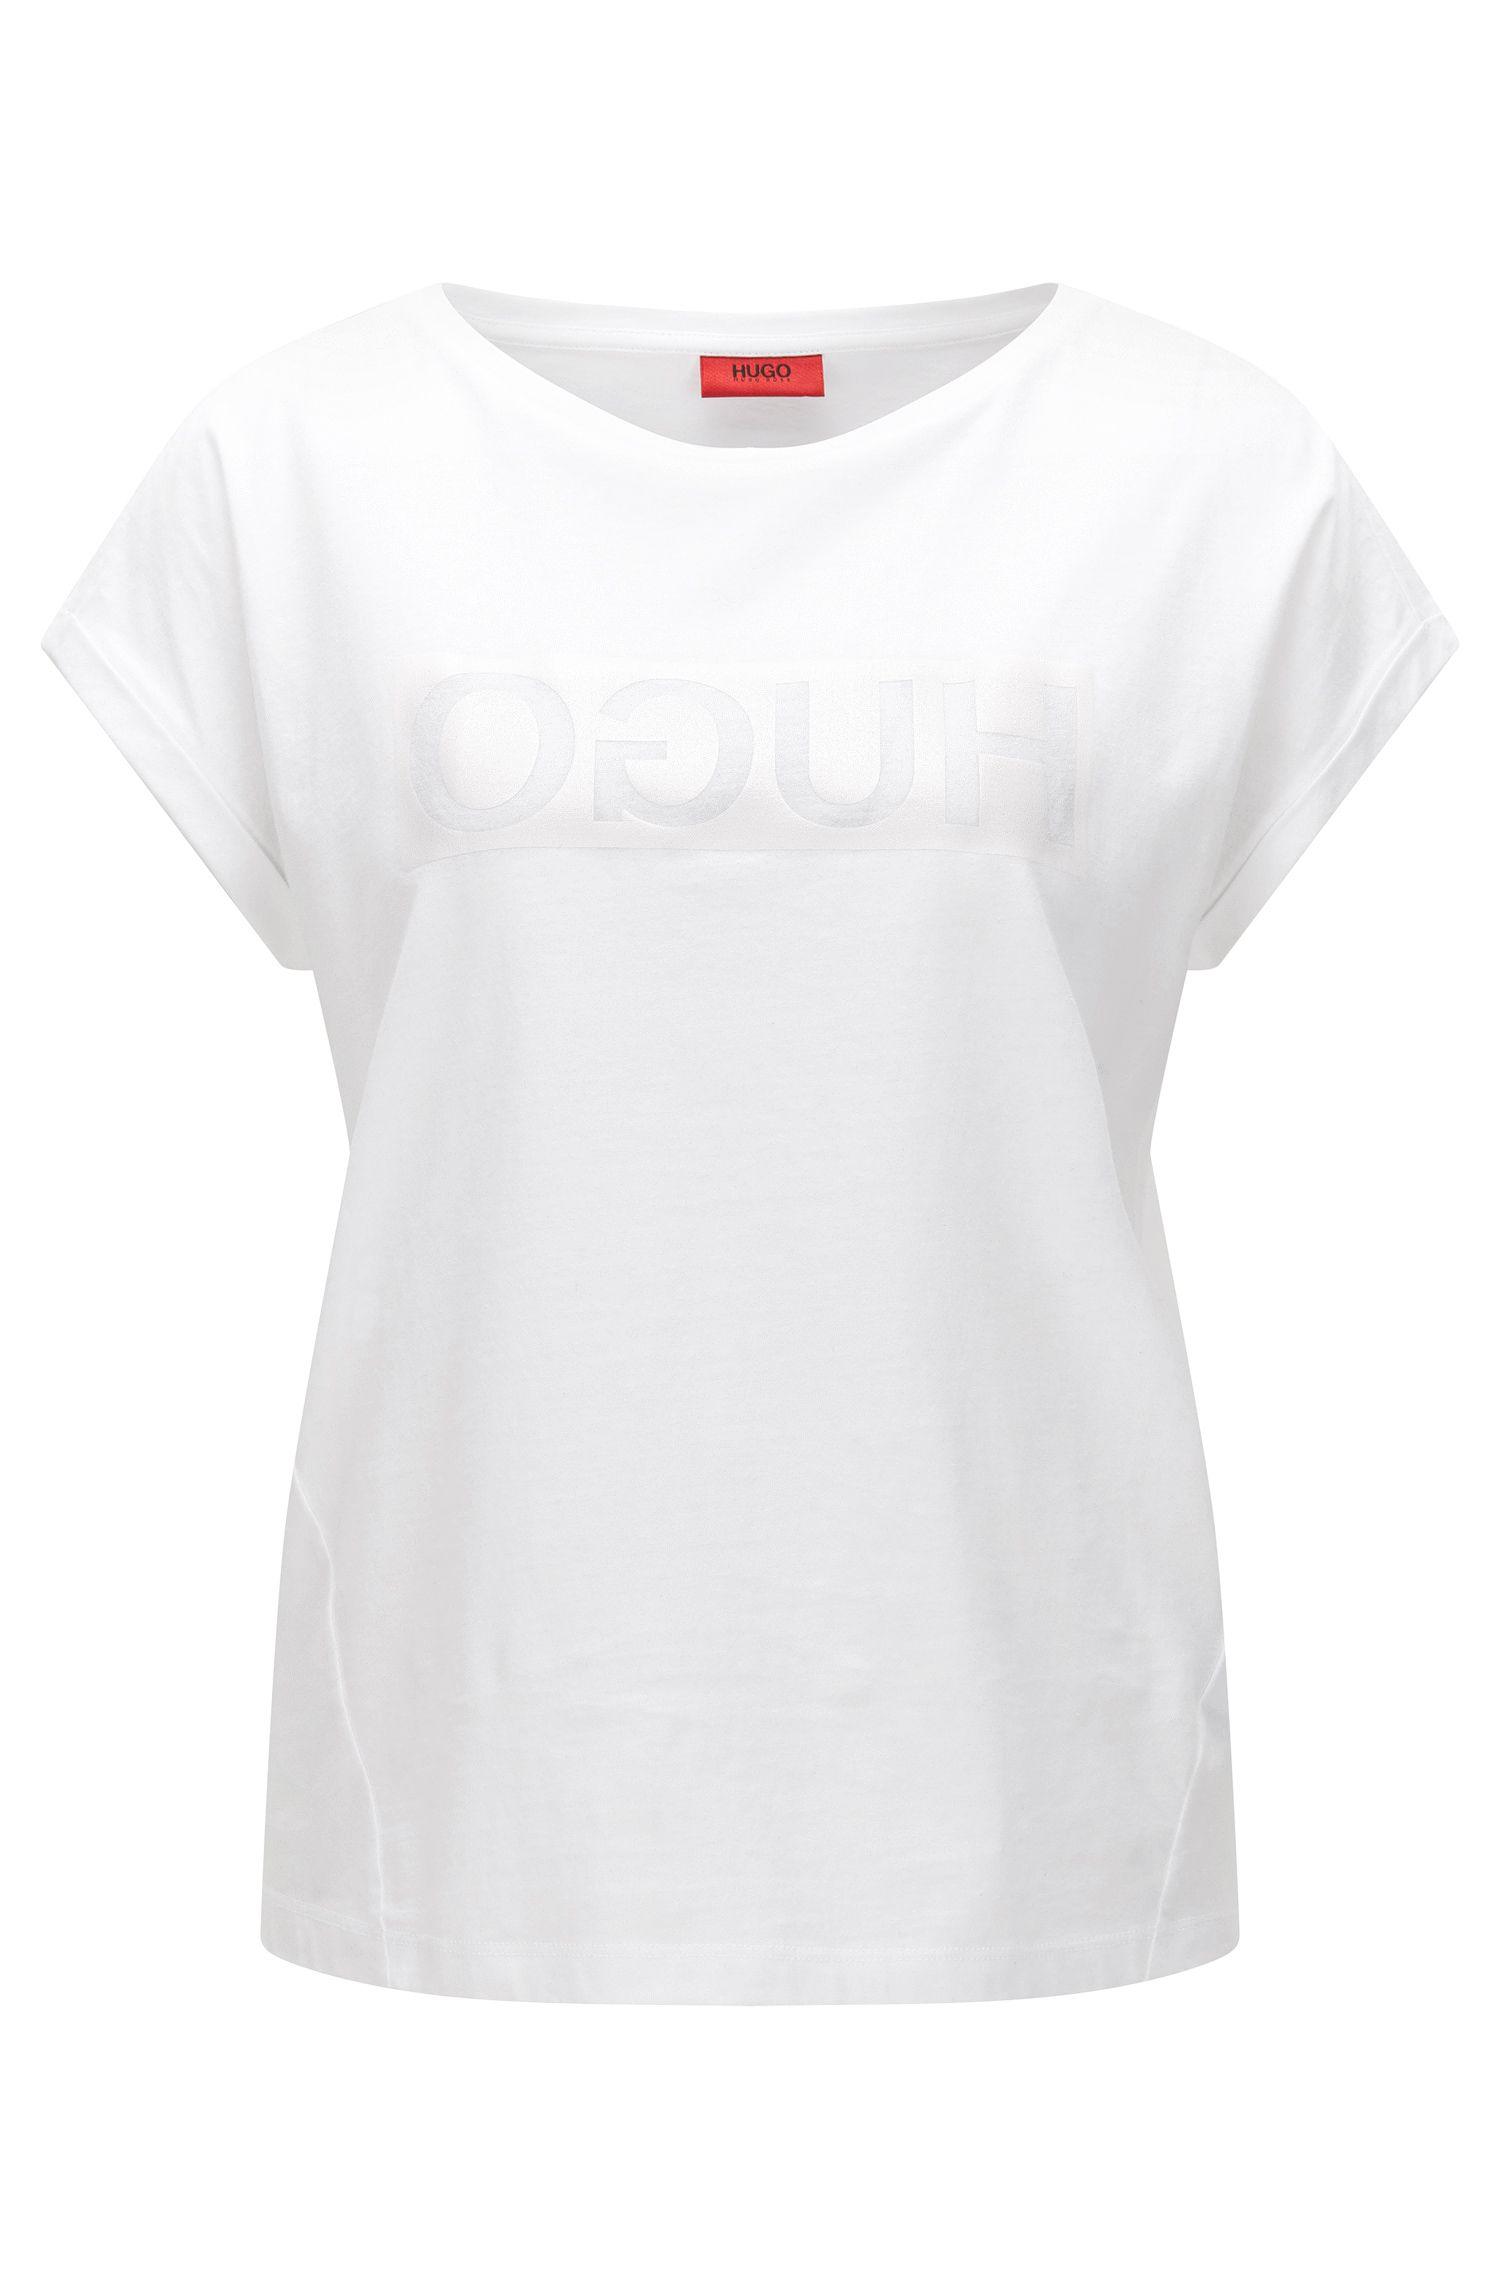 Camiseta relaxed fit en algodón con logo invertido